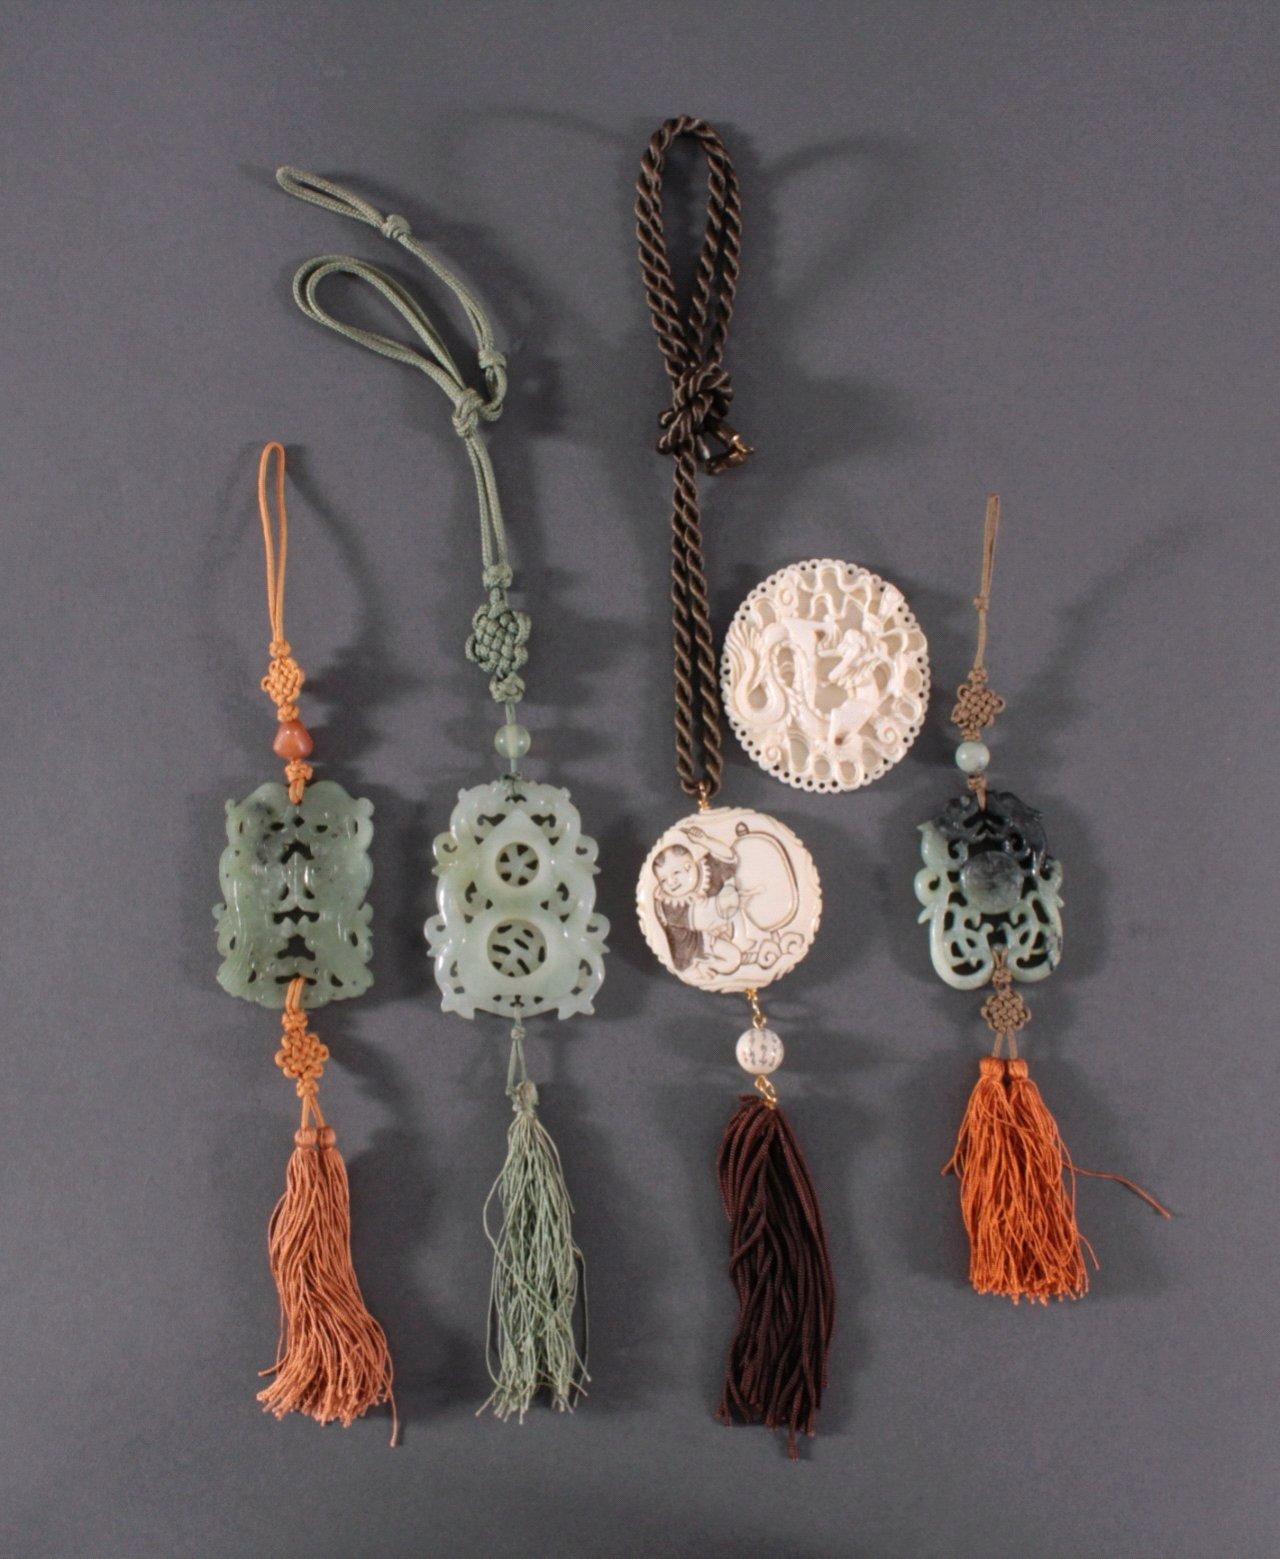 5 asiatische Glücksanhänger aus Jade und Elfenbein